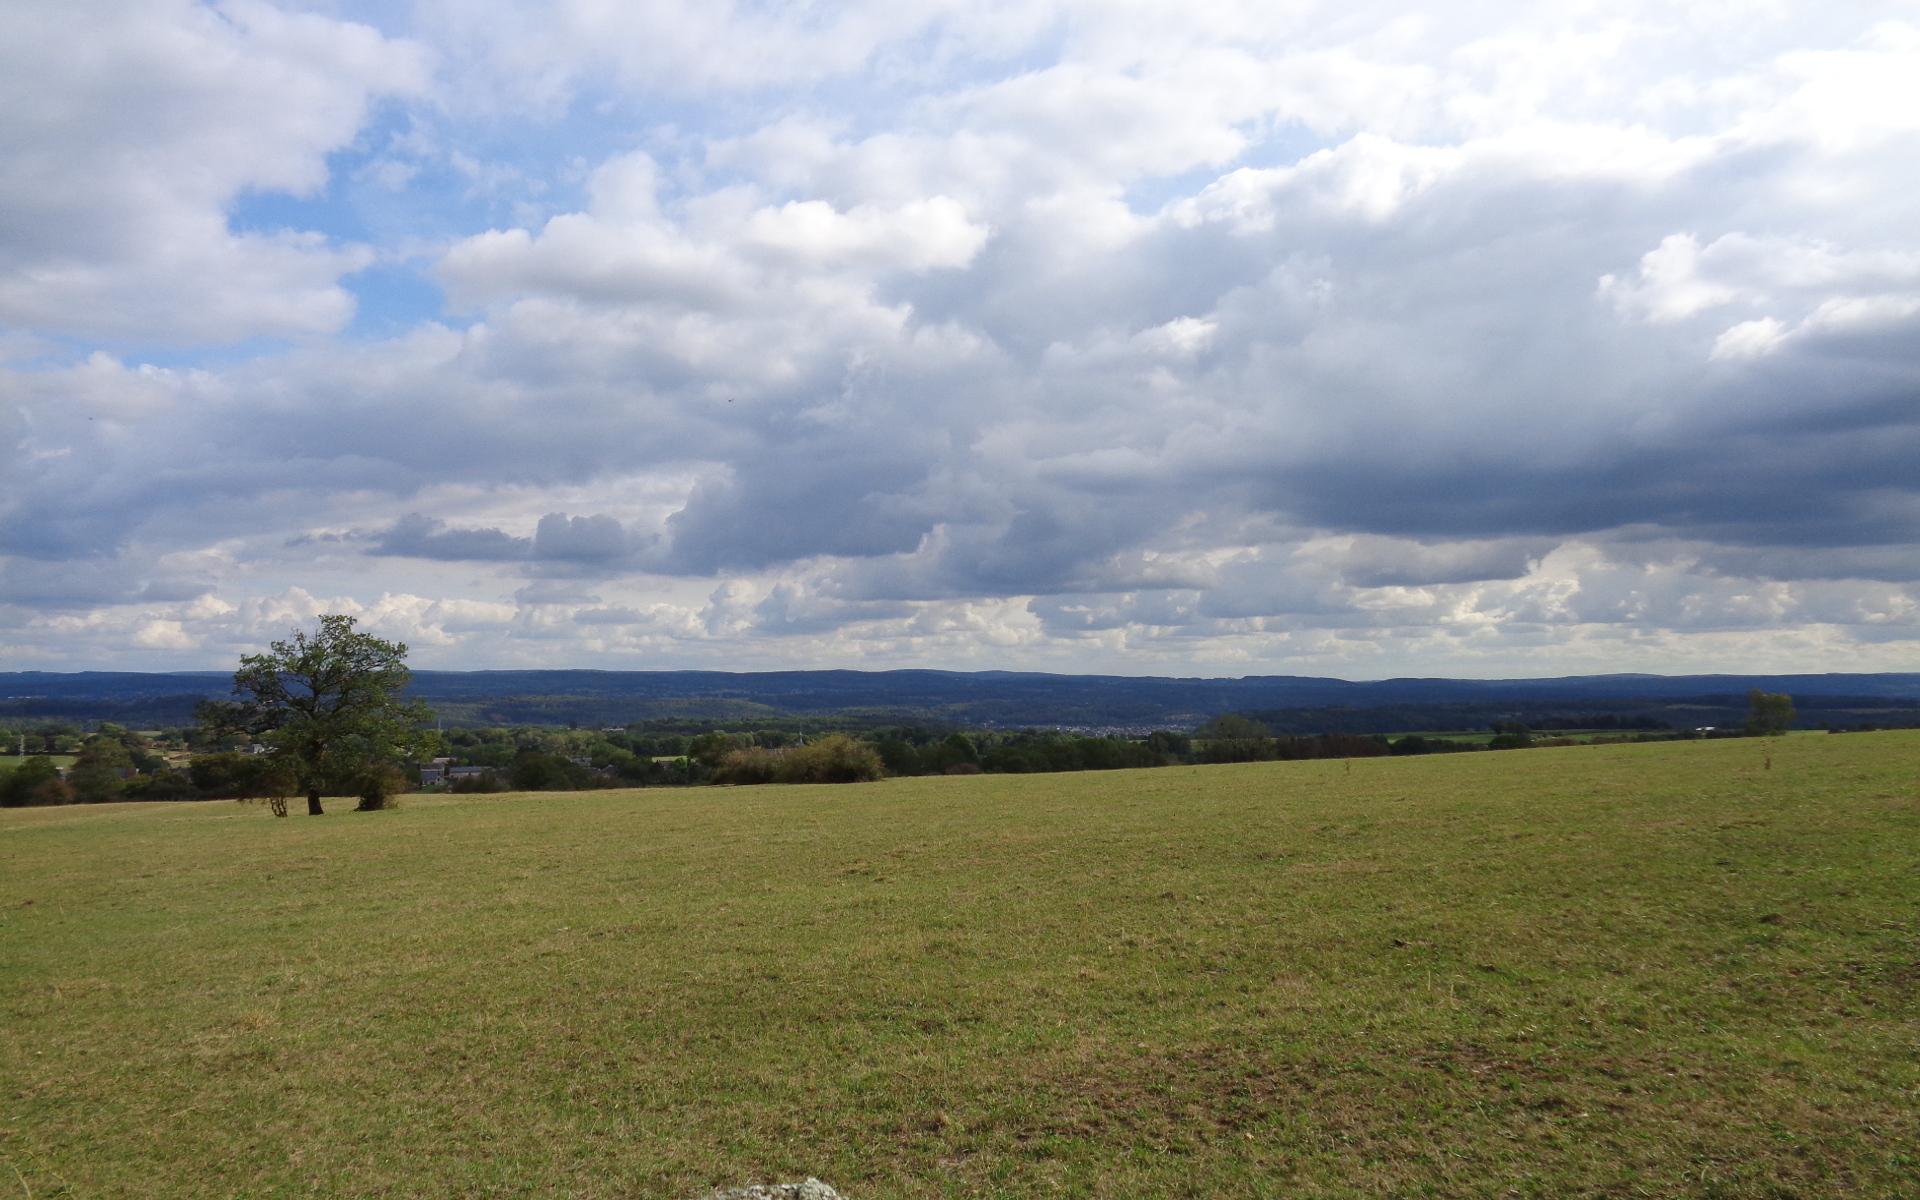 Bois de Viné parcours VTT au départ de Durbuy, paysage vers la vallée de l'Ourthe